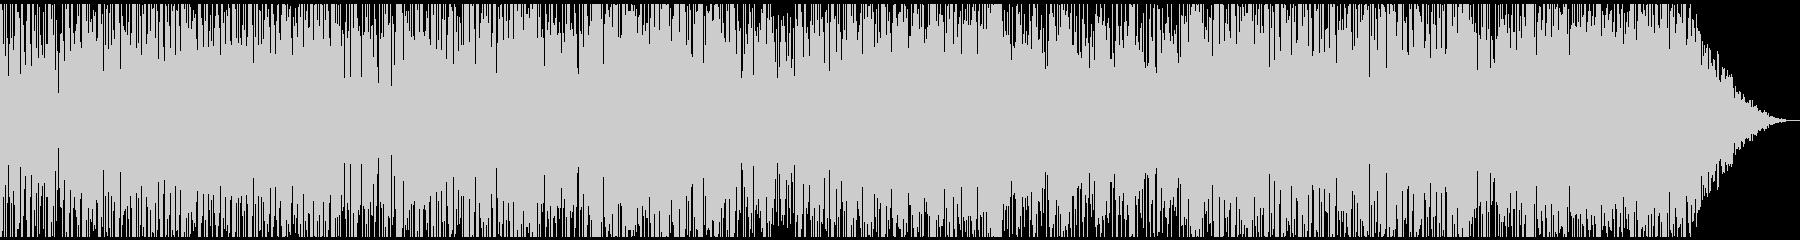 サックス、スピード感スリリングなファンクの未再生の波形